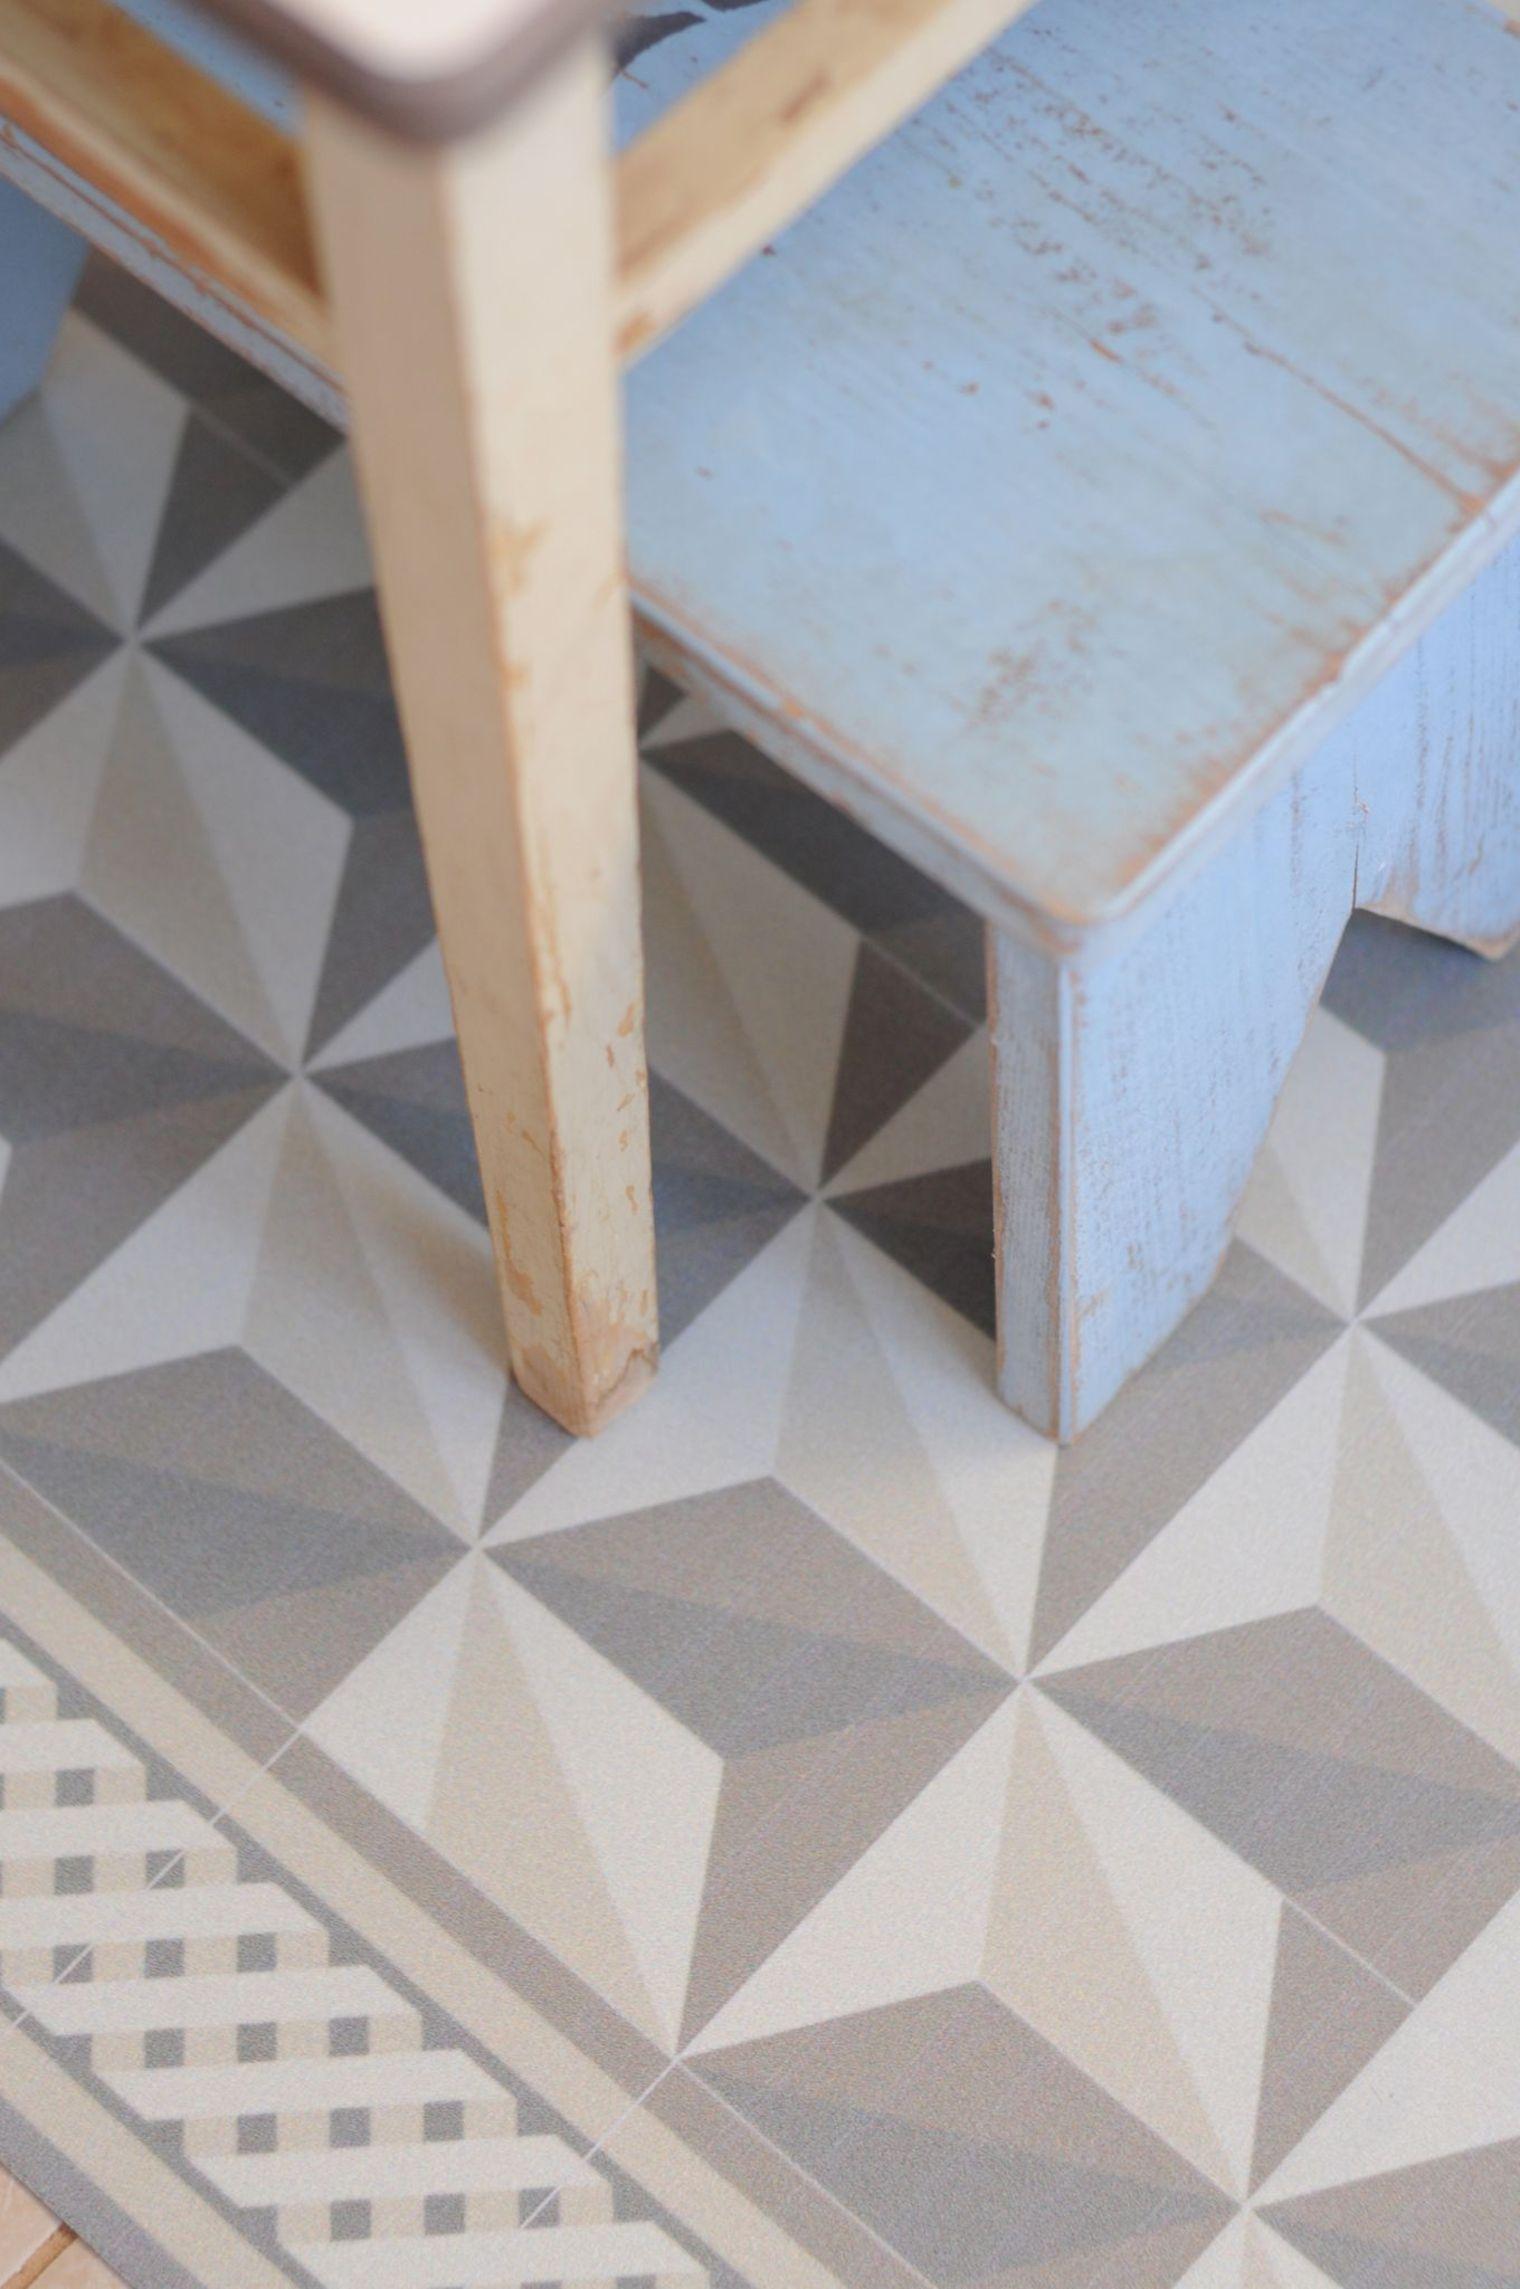 Carreaux de ciment 10 revêtements de sol imitation carreaux de ciment